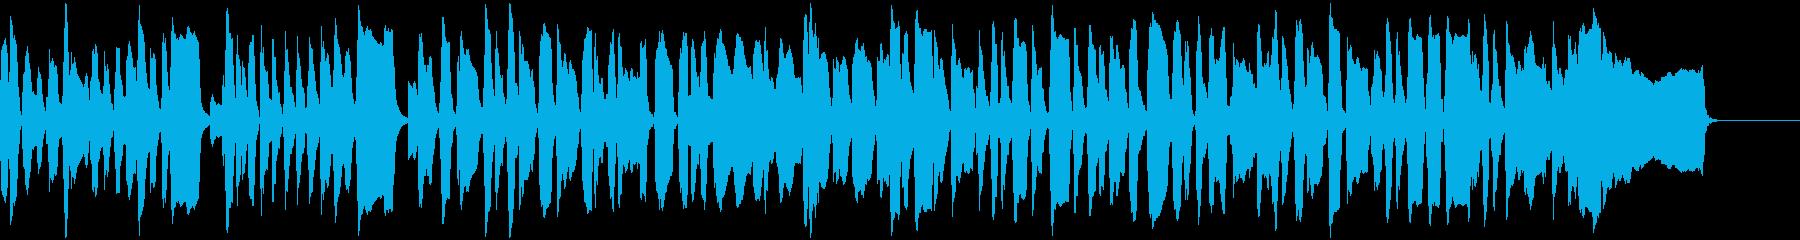 コミカルで勇敢なリコーダーエンディングの再生済みの波形